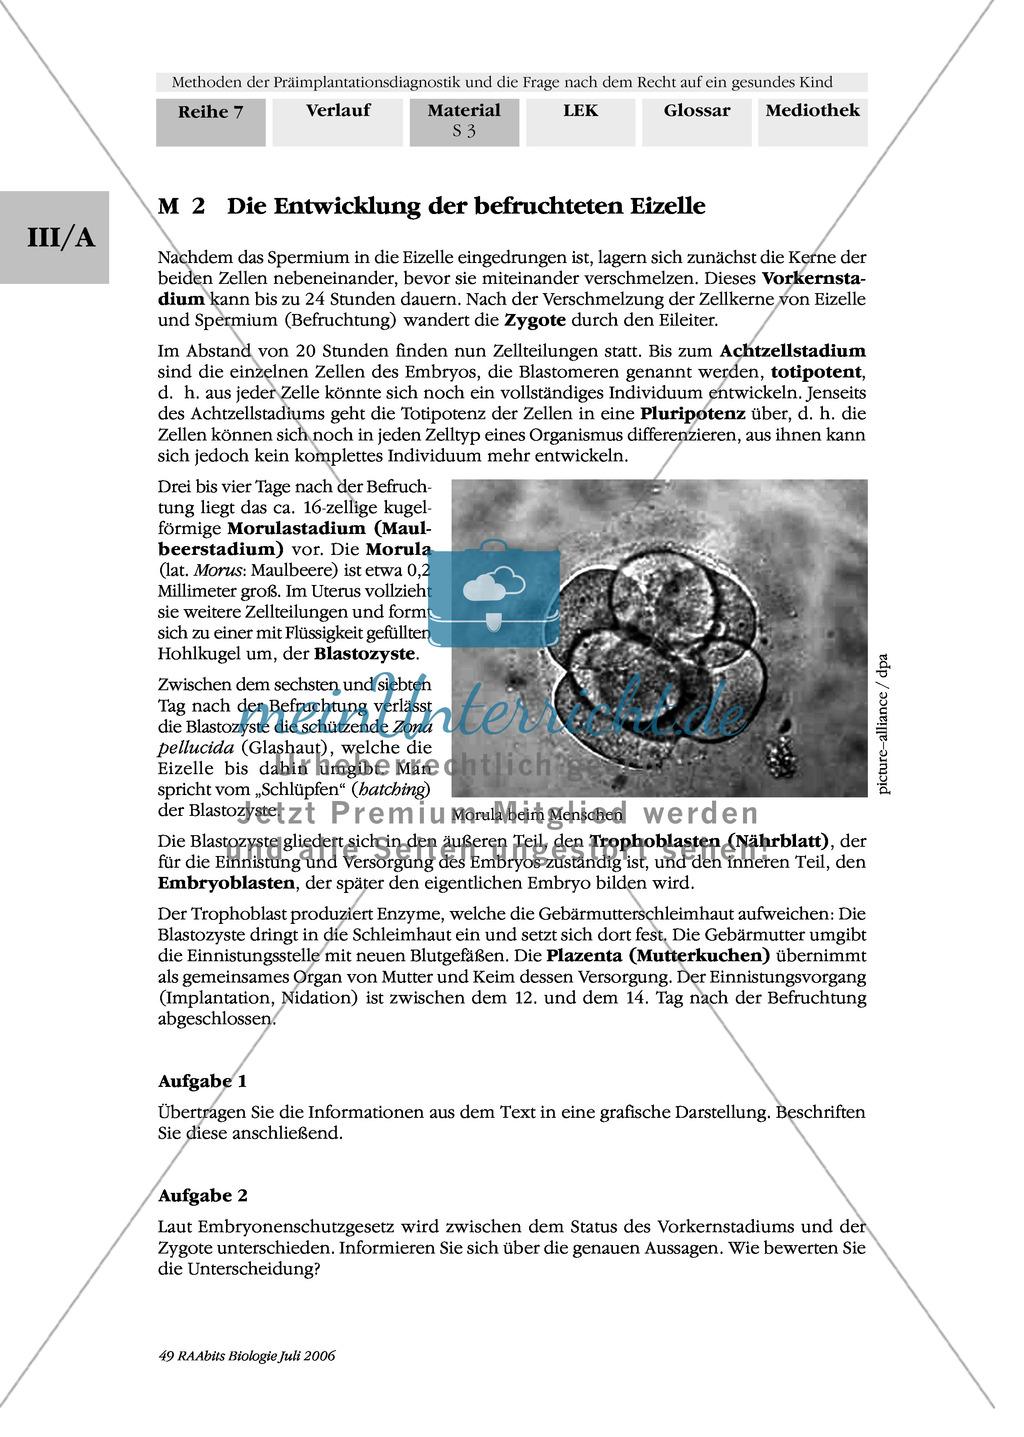 Text zur Entwicklung der befruchteten Eizelle und Gruppenpuzzle zur Präimplantationsdiagnostik und Pränataldiagnostik Preview 0